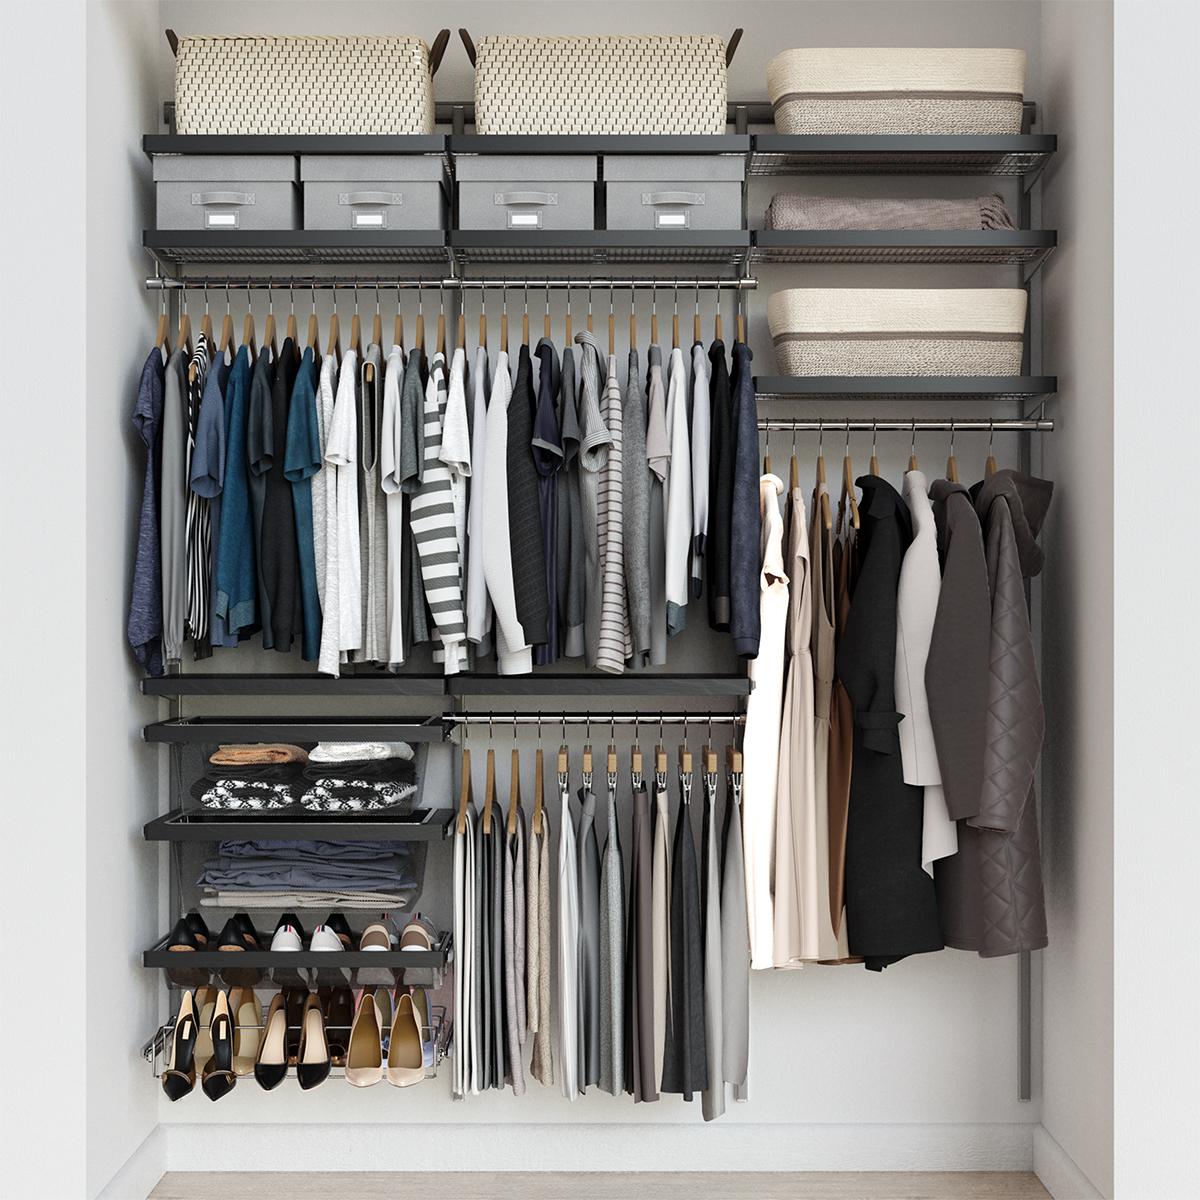 Elfa Decor 6' Platinum & Grey Reach-In Closet